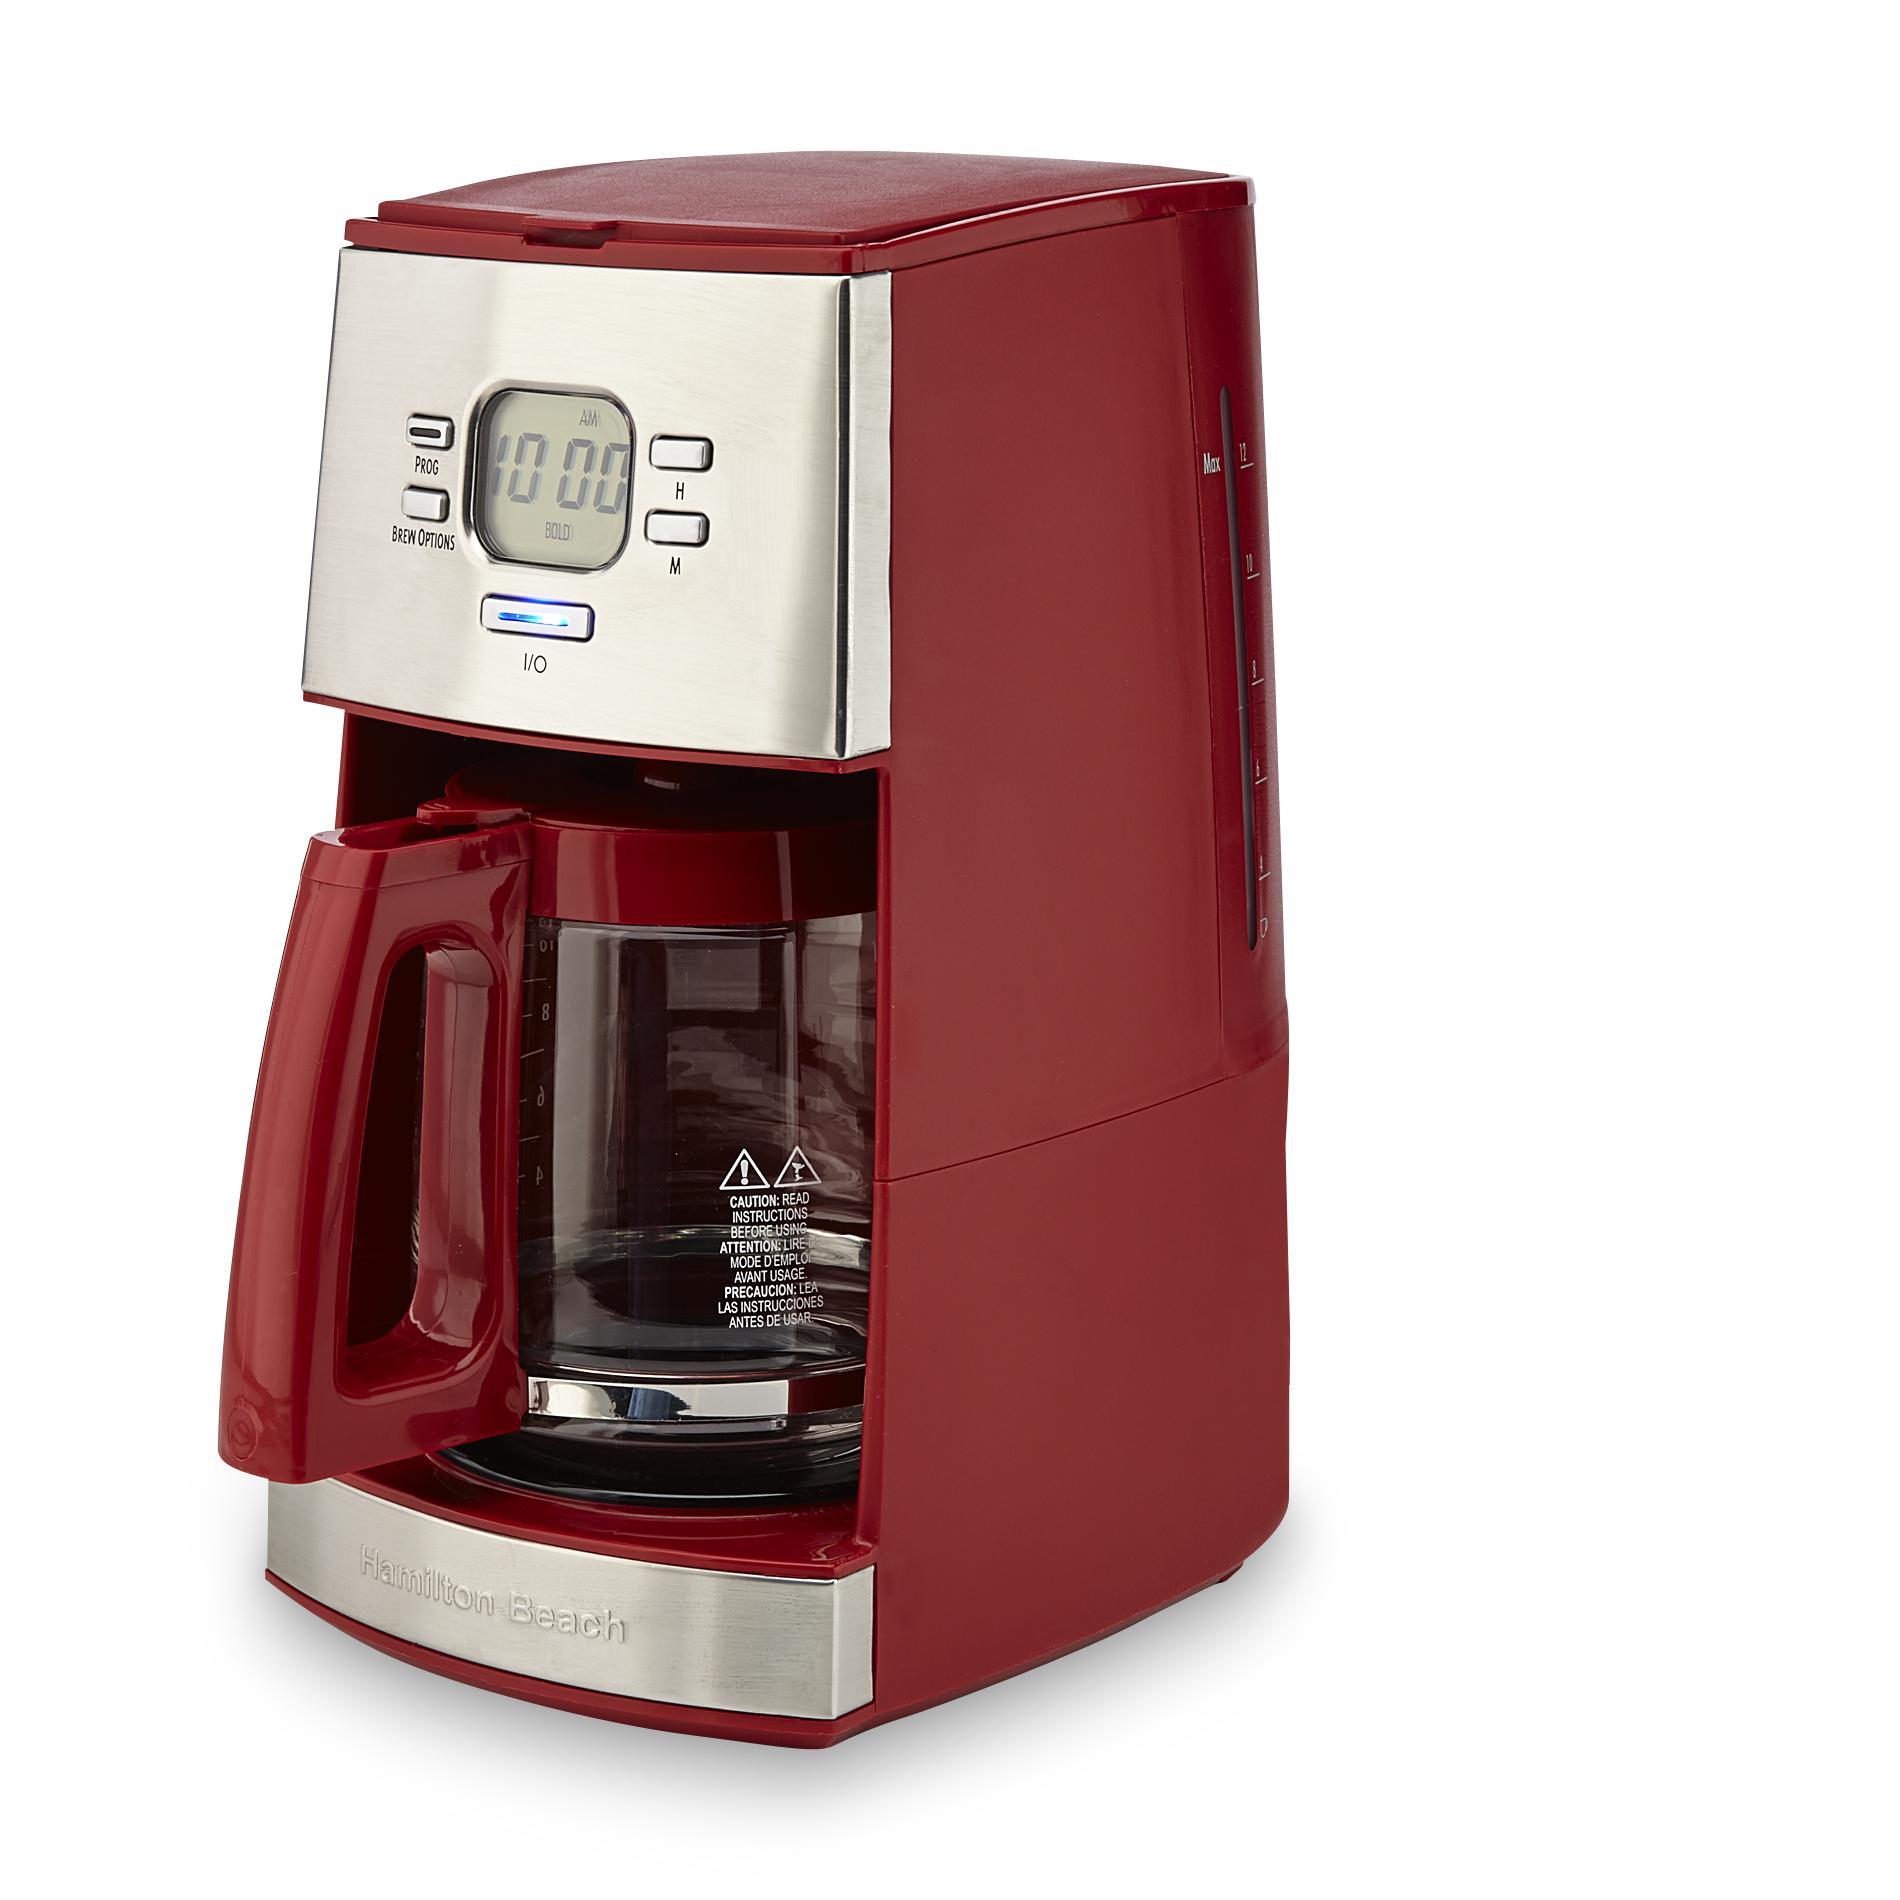 Hamilton Beach Brands Inc 43253 12 Cup Ensemble Coffee Maker Red